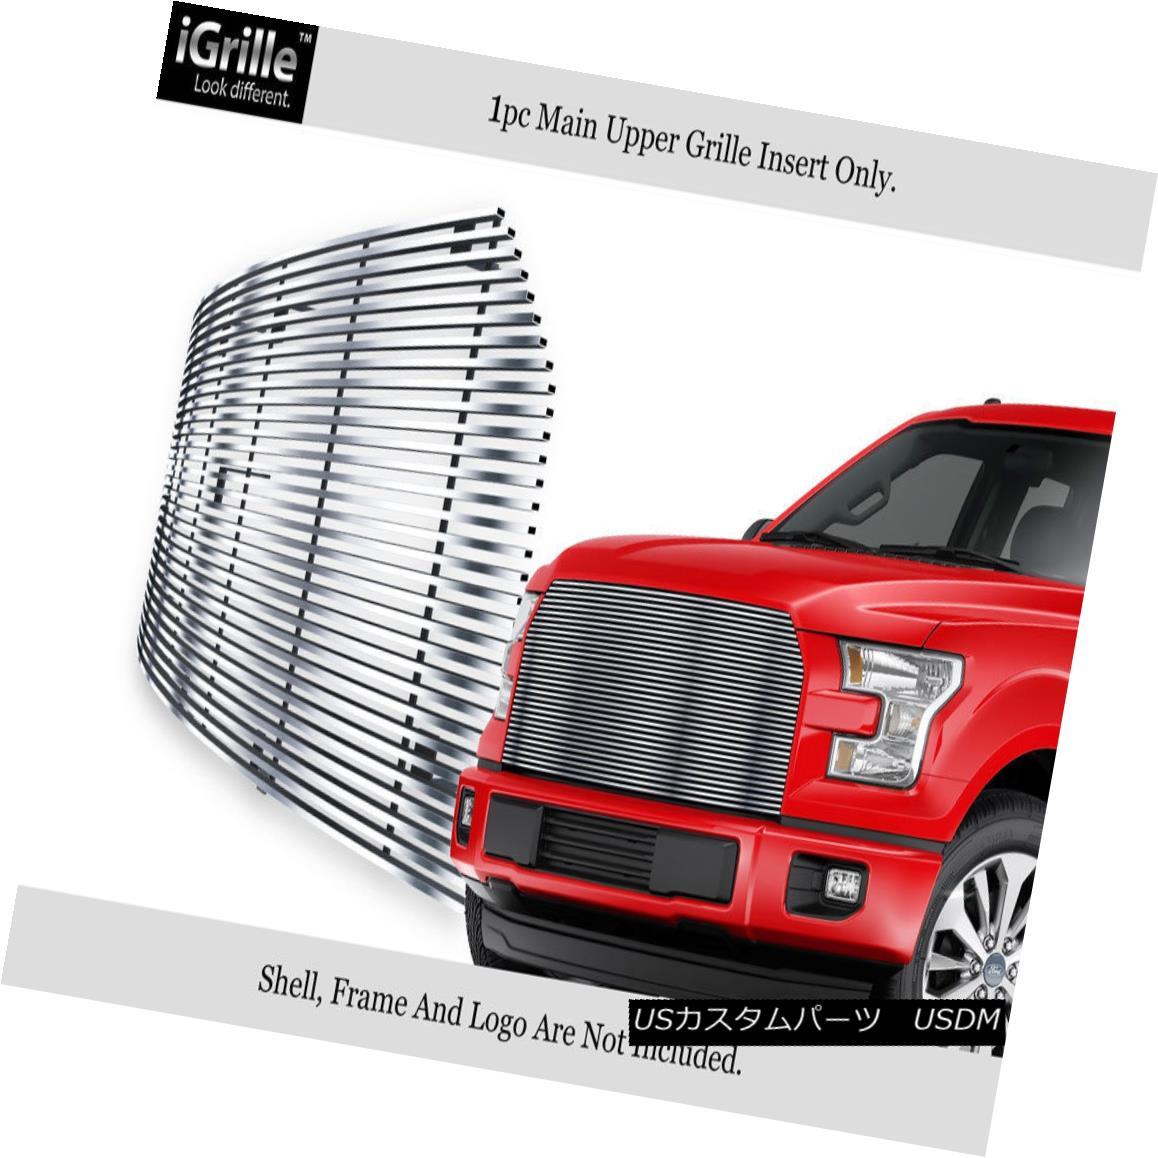 グリル For 2015-2017 Ford F-150 Stainless Steel Replacement Billet Grille Insert 2015-2017 Ford F-150ステンレススチール交換用ビレットグリルインサート